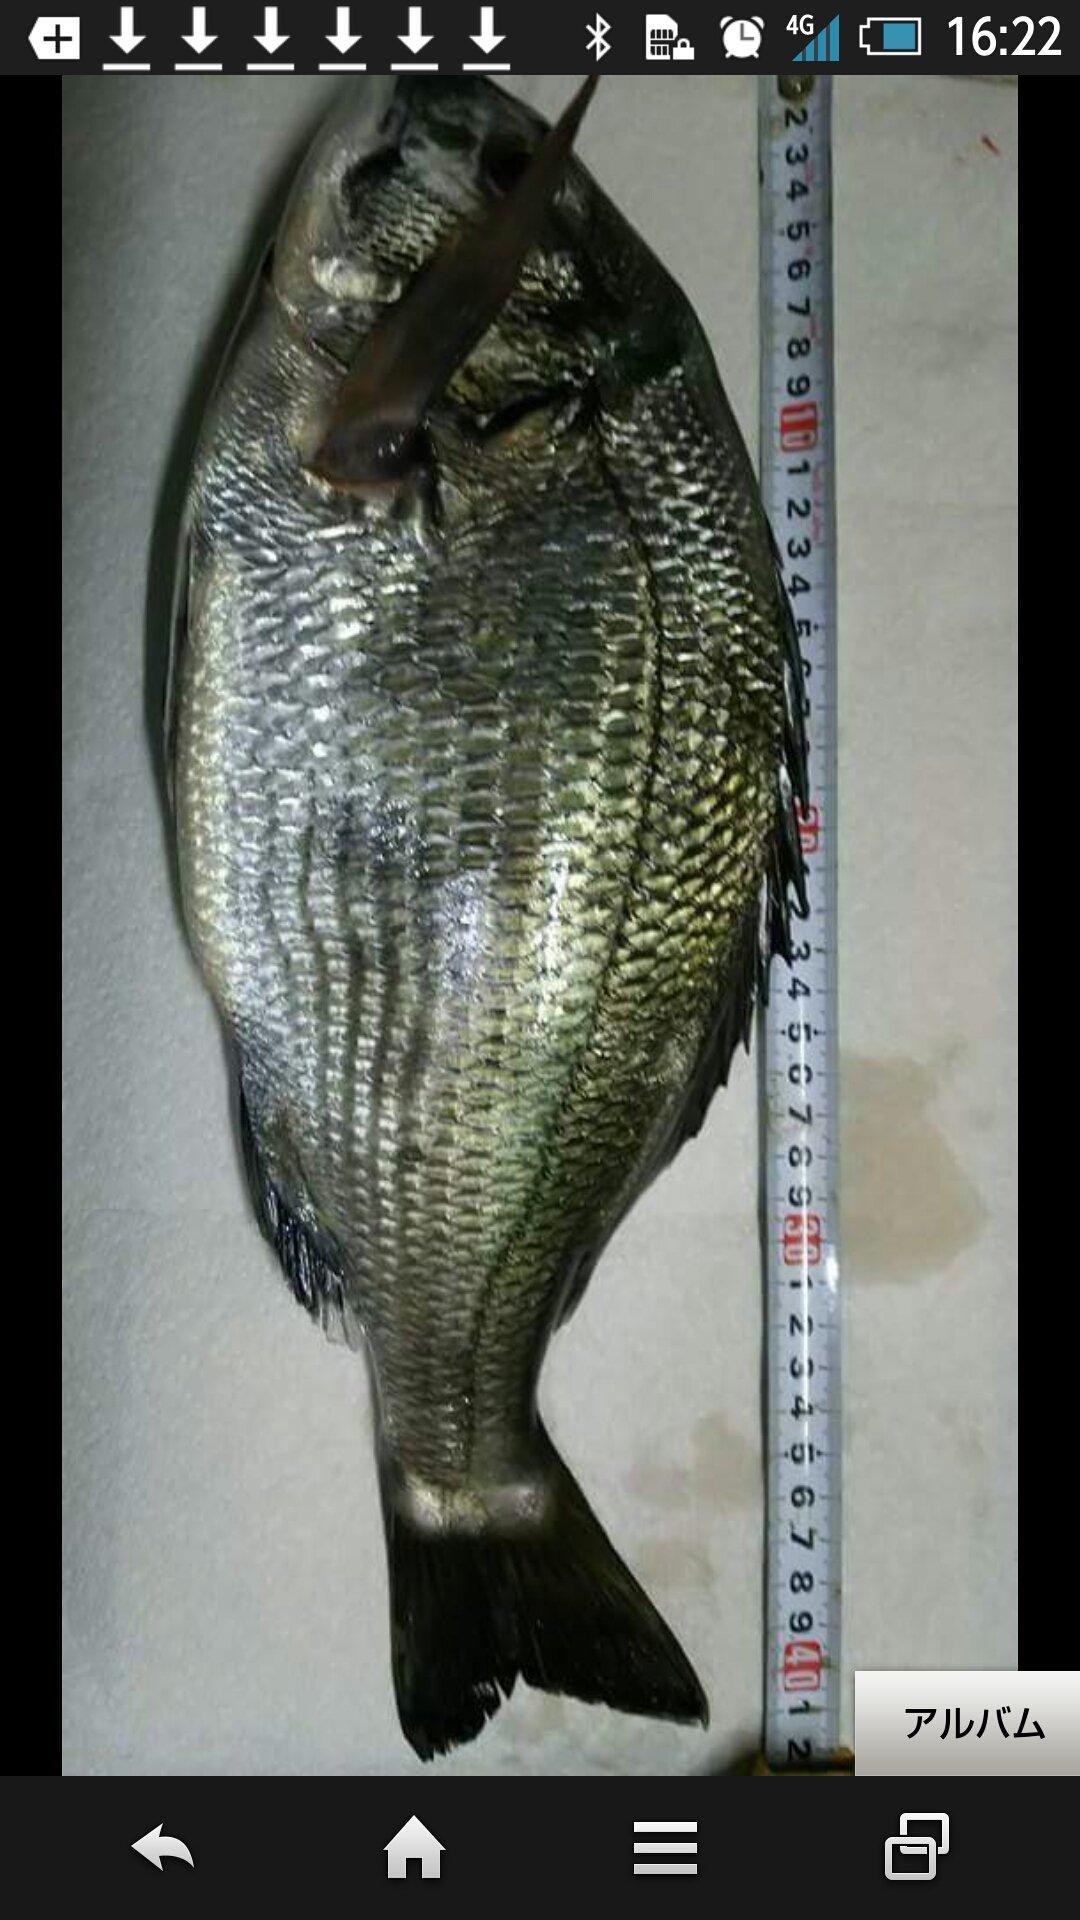 磯辺爆釣会アングラーD&yamさんの投稿画像,写っている魚はクロダイ